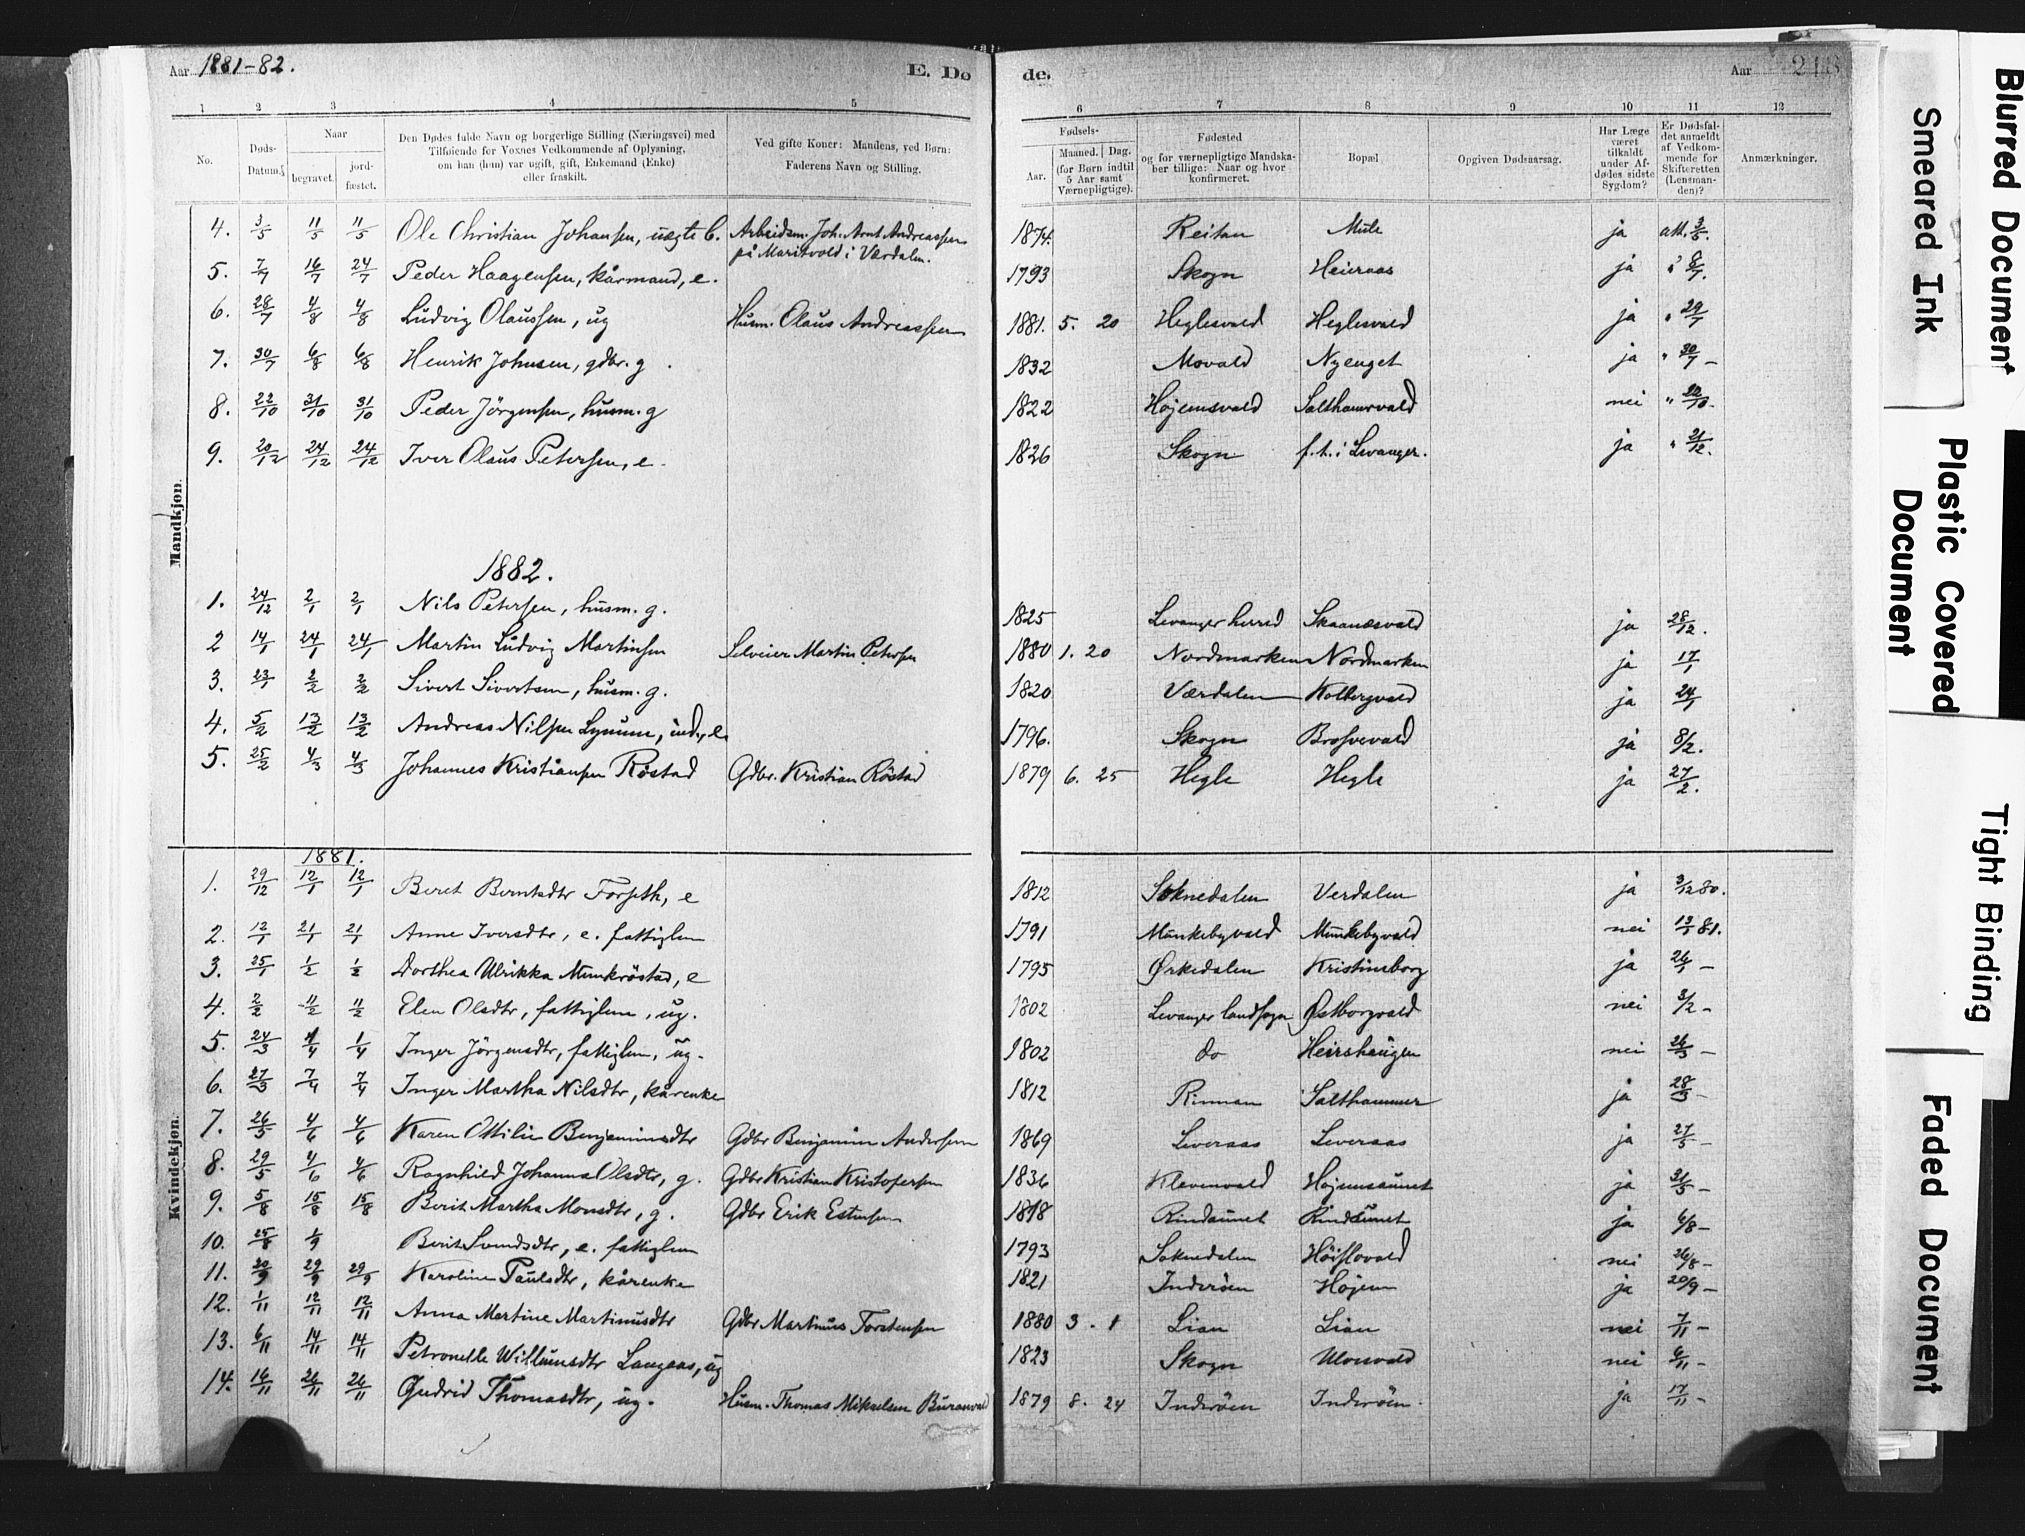 SAT, Ministerialprotokoller, klokkerbøker og fødselsregistre - Nord-Trøndelag, 721/L0207: Ministerialbok nr. 721A02, 1880-1911, s. 218